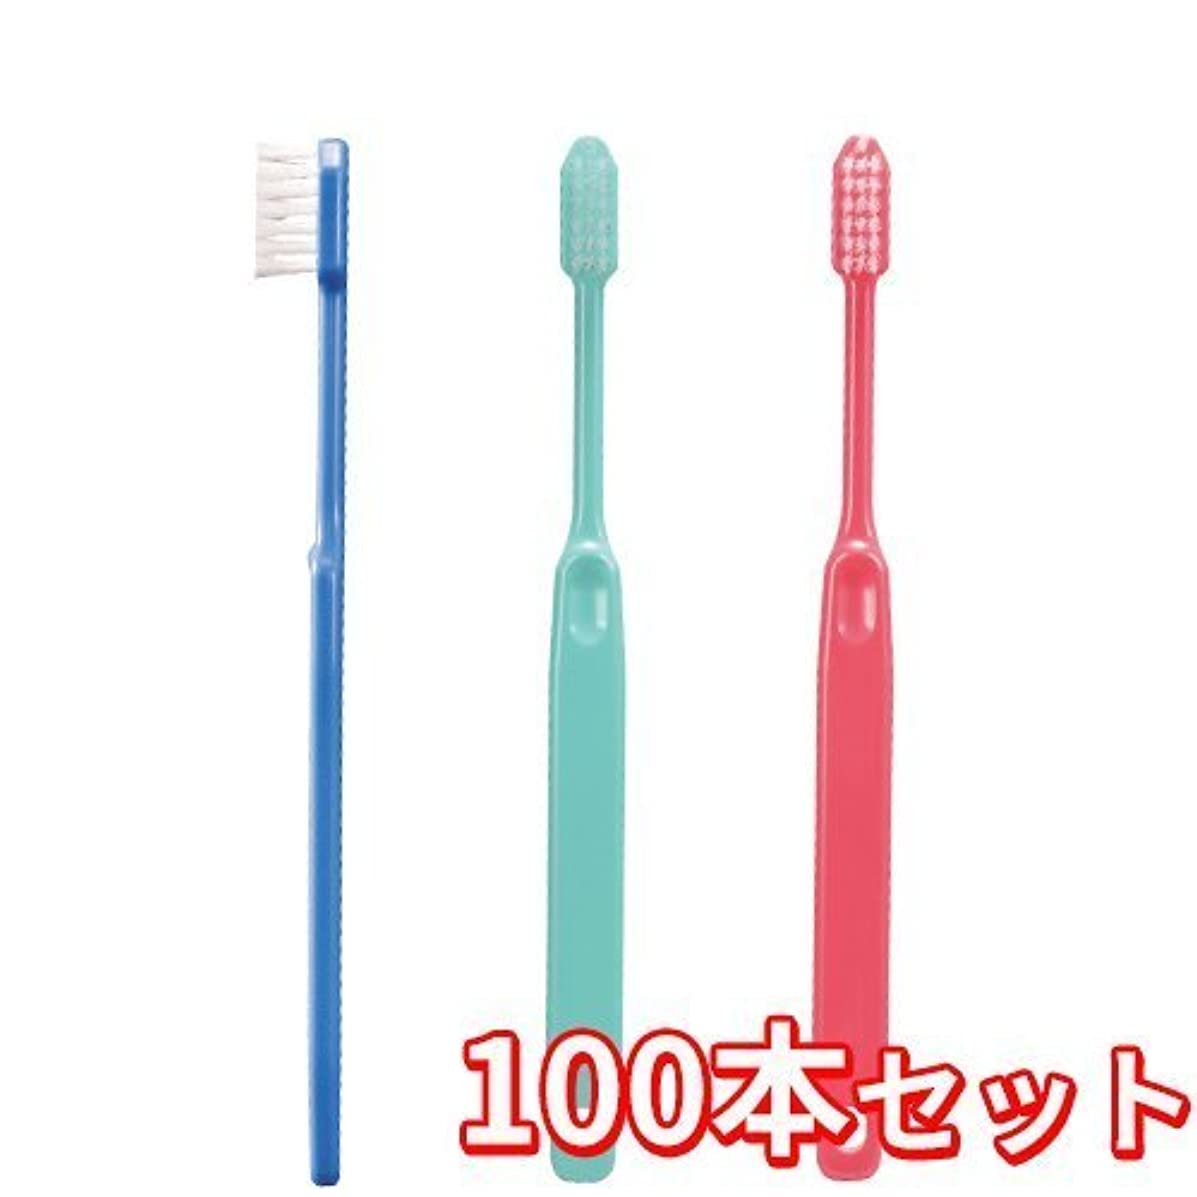 数学的な不機嫌そうな分析するCiメディカル 歯ブラシ コンパクトヘッド 疎毛タイプ アソート 100本 (Ci22(ふつう))